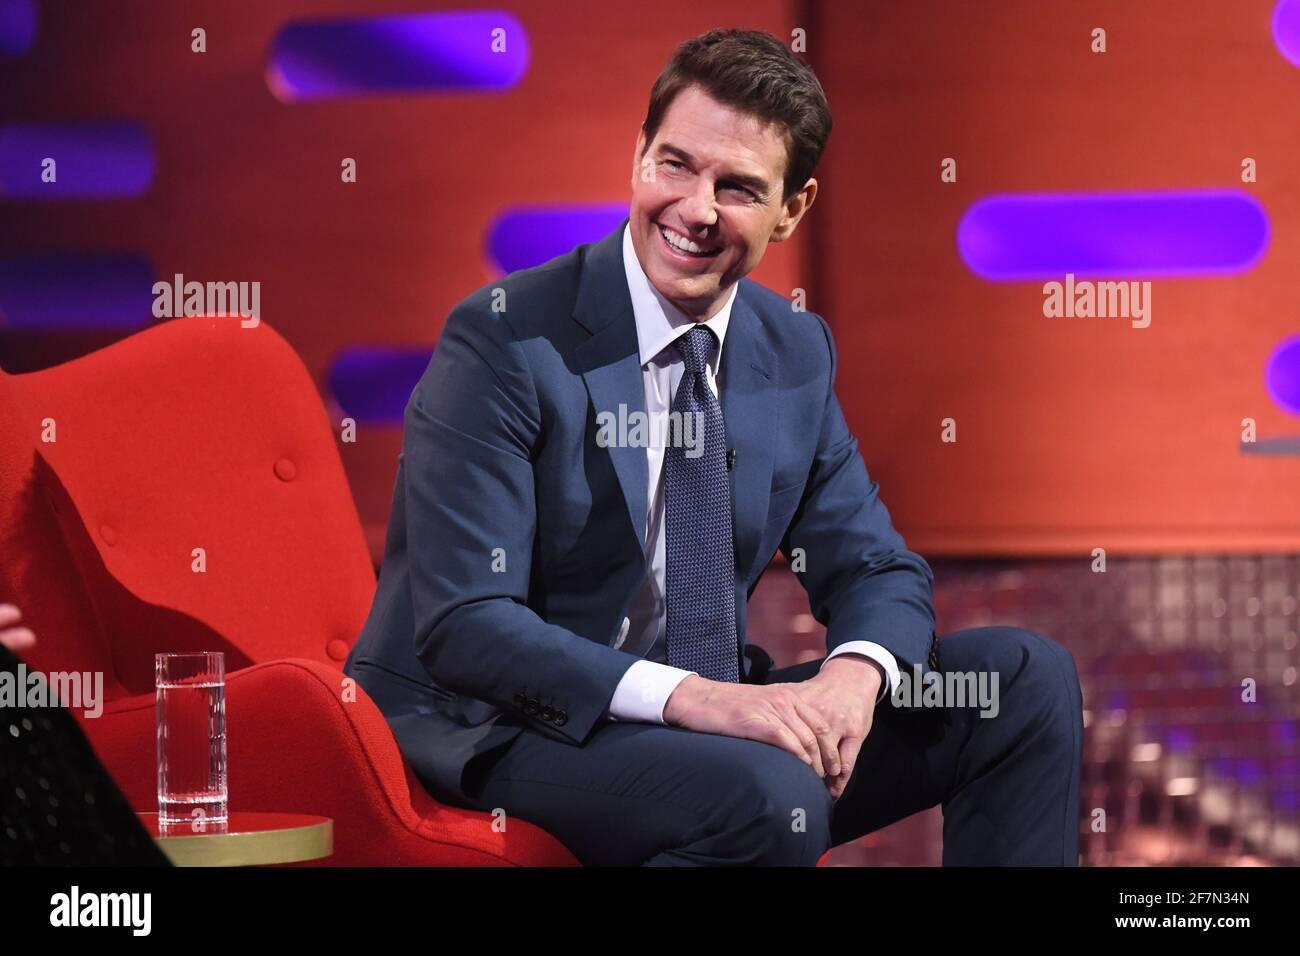 NUR FÜR REDAKTIONELLE VERWENDUNG Tom Cruise während der Dreharbeiten für die Graham Norton Show im BBC Studioworks 6 Television Center, Wood Lane, London, die am Freitagabend auf BBC One ausgestrahlt werden. Stockfoto